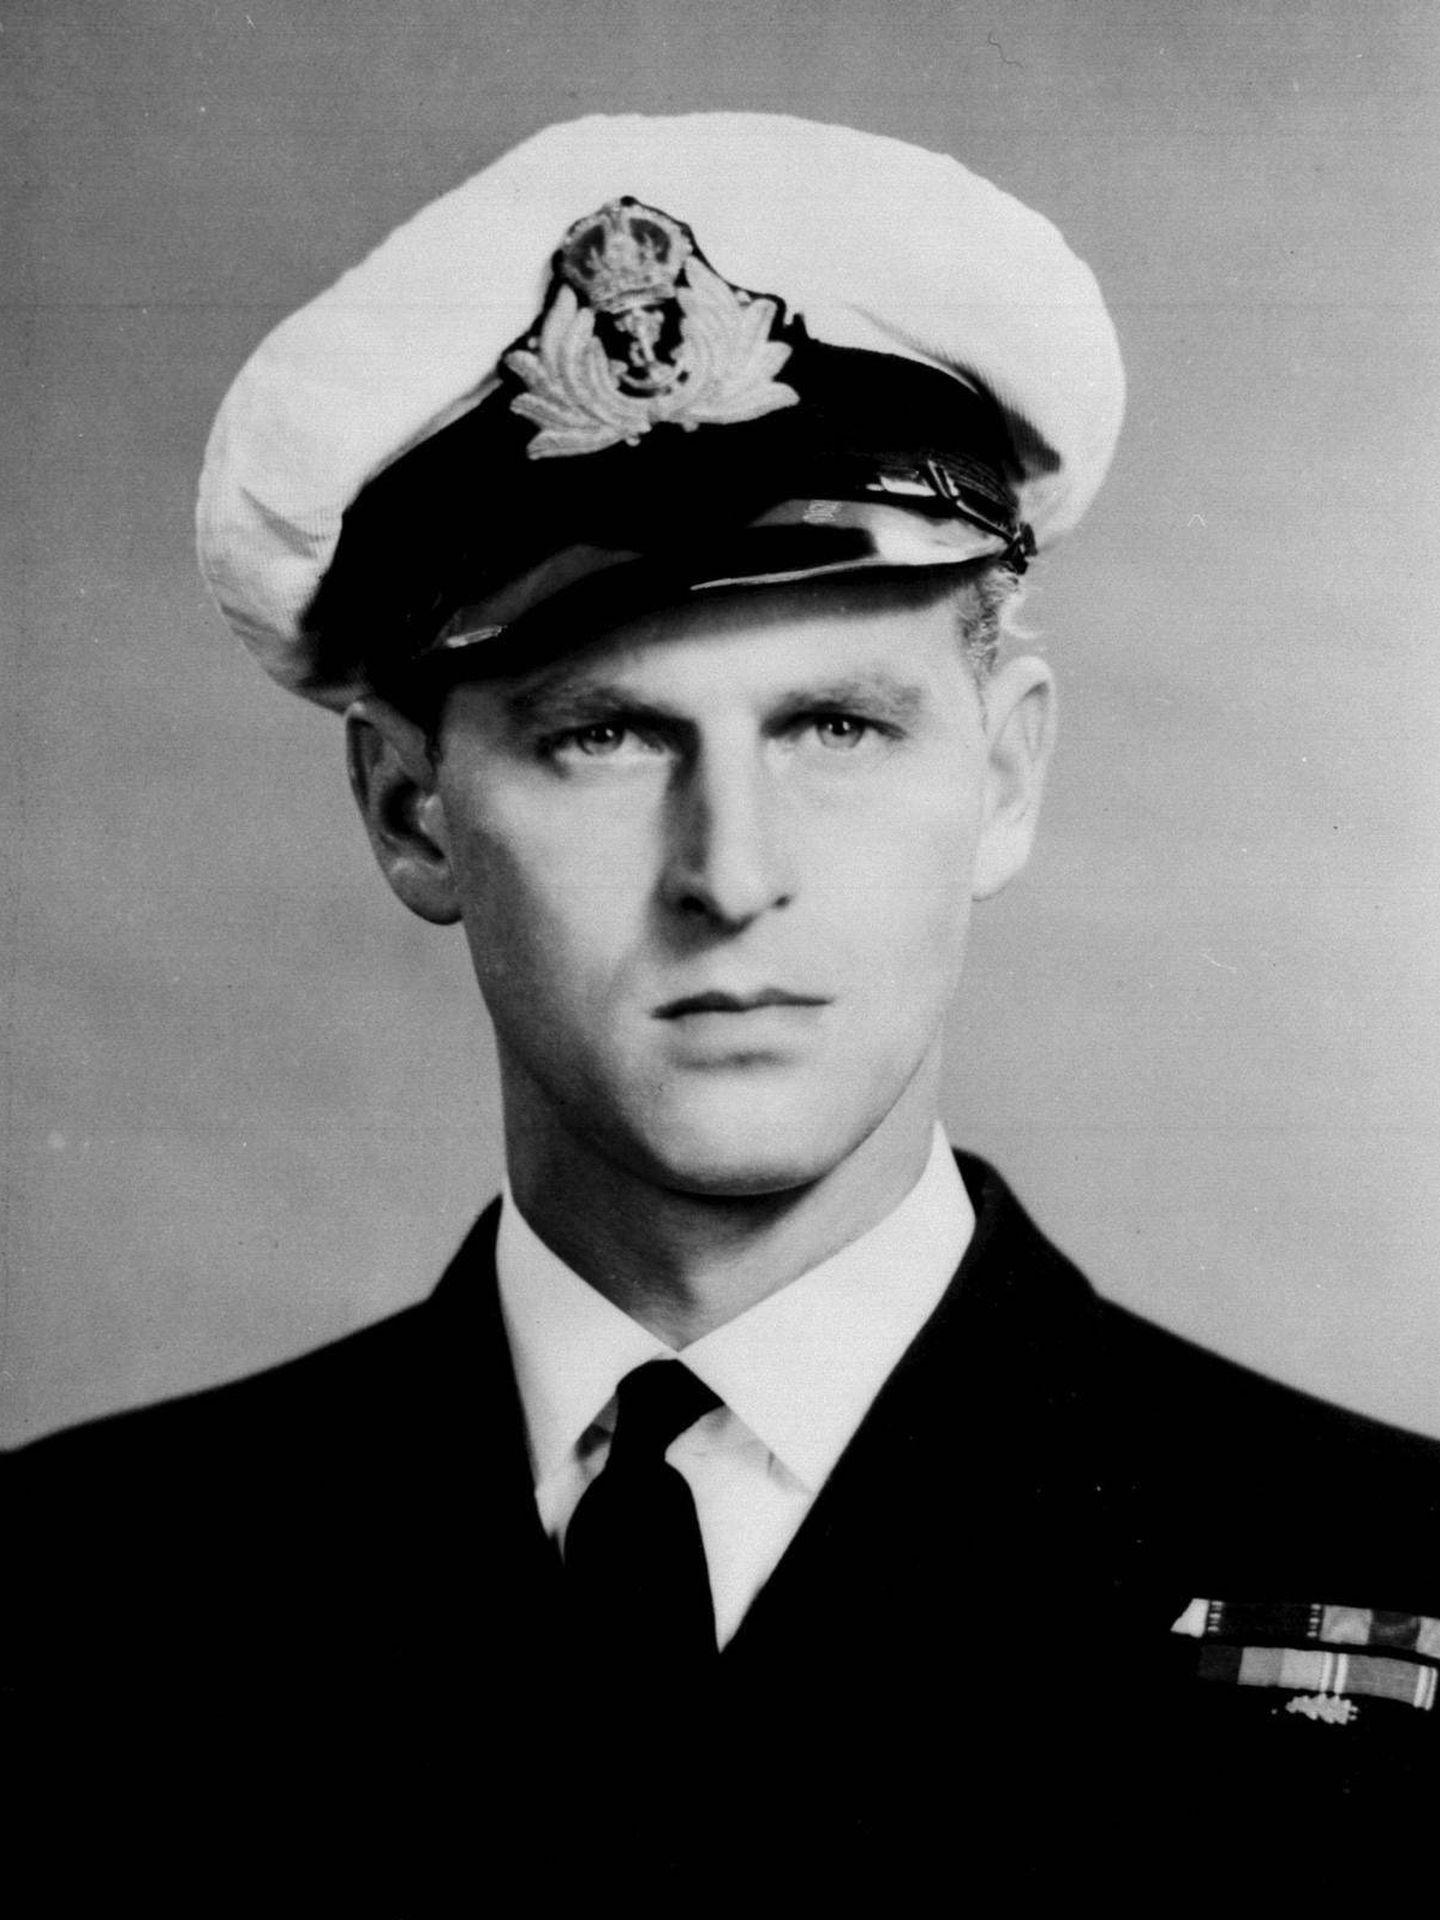 El príncipe Felipe, con el uniforme de la Marina Real. (Buckingham Palace)